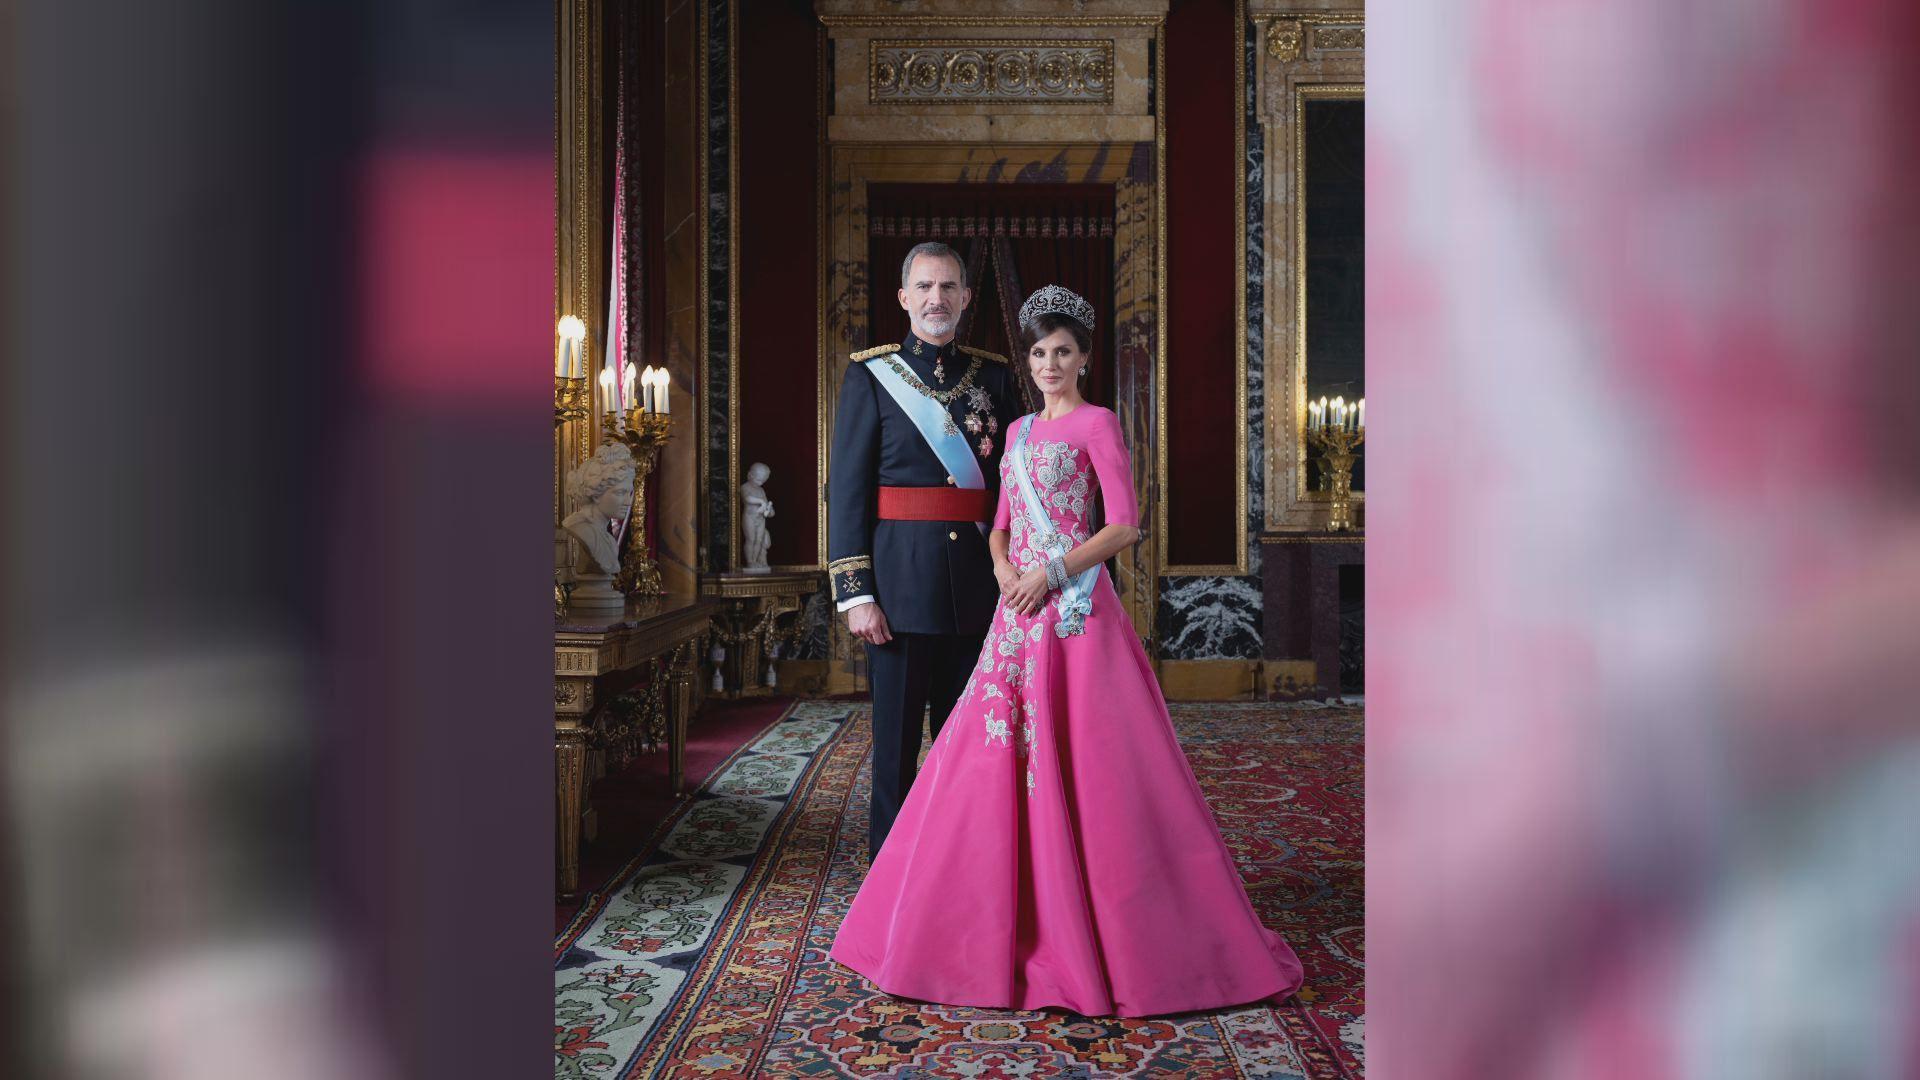 La princesa de Asturias y la infanta Sofía en una fotografia realizada en Zarzuela